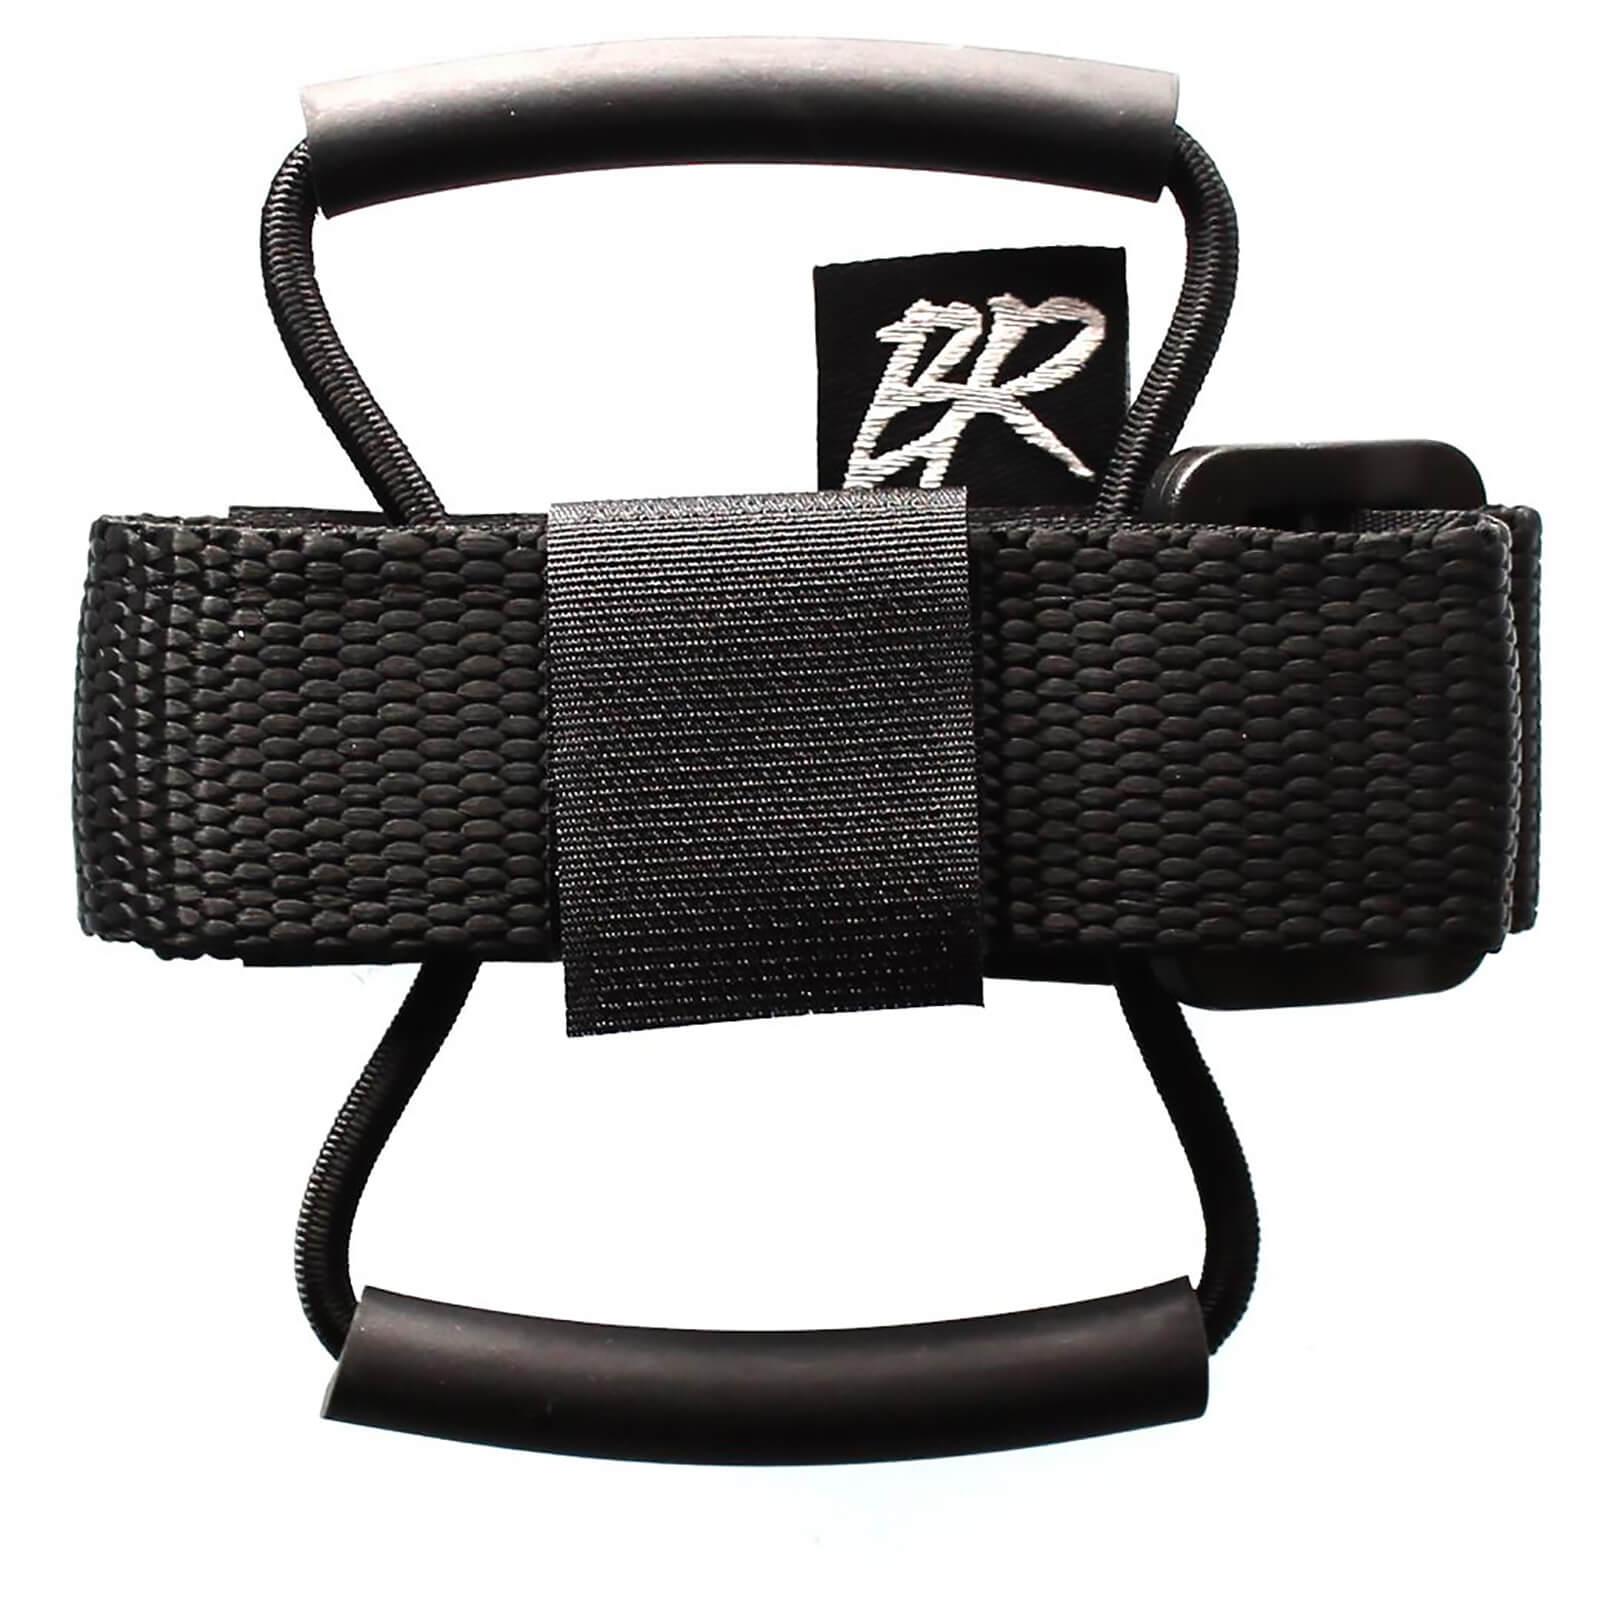 BackCountry Camrat Strap - Black